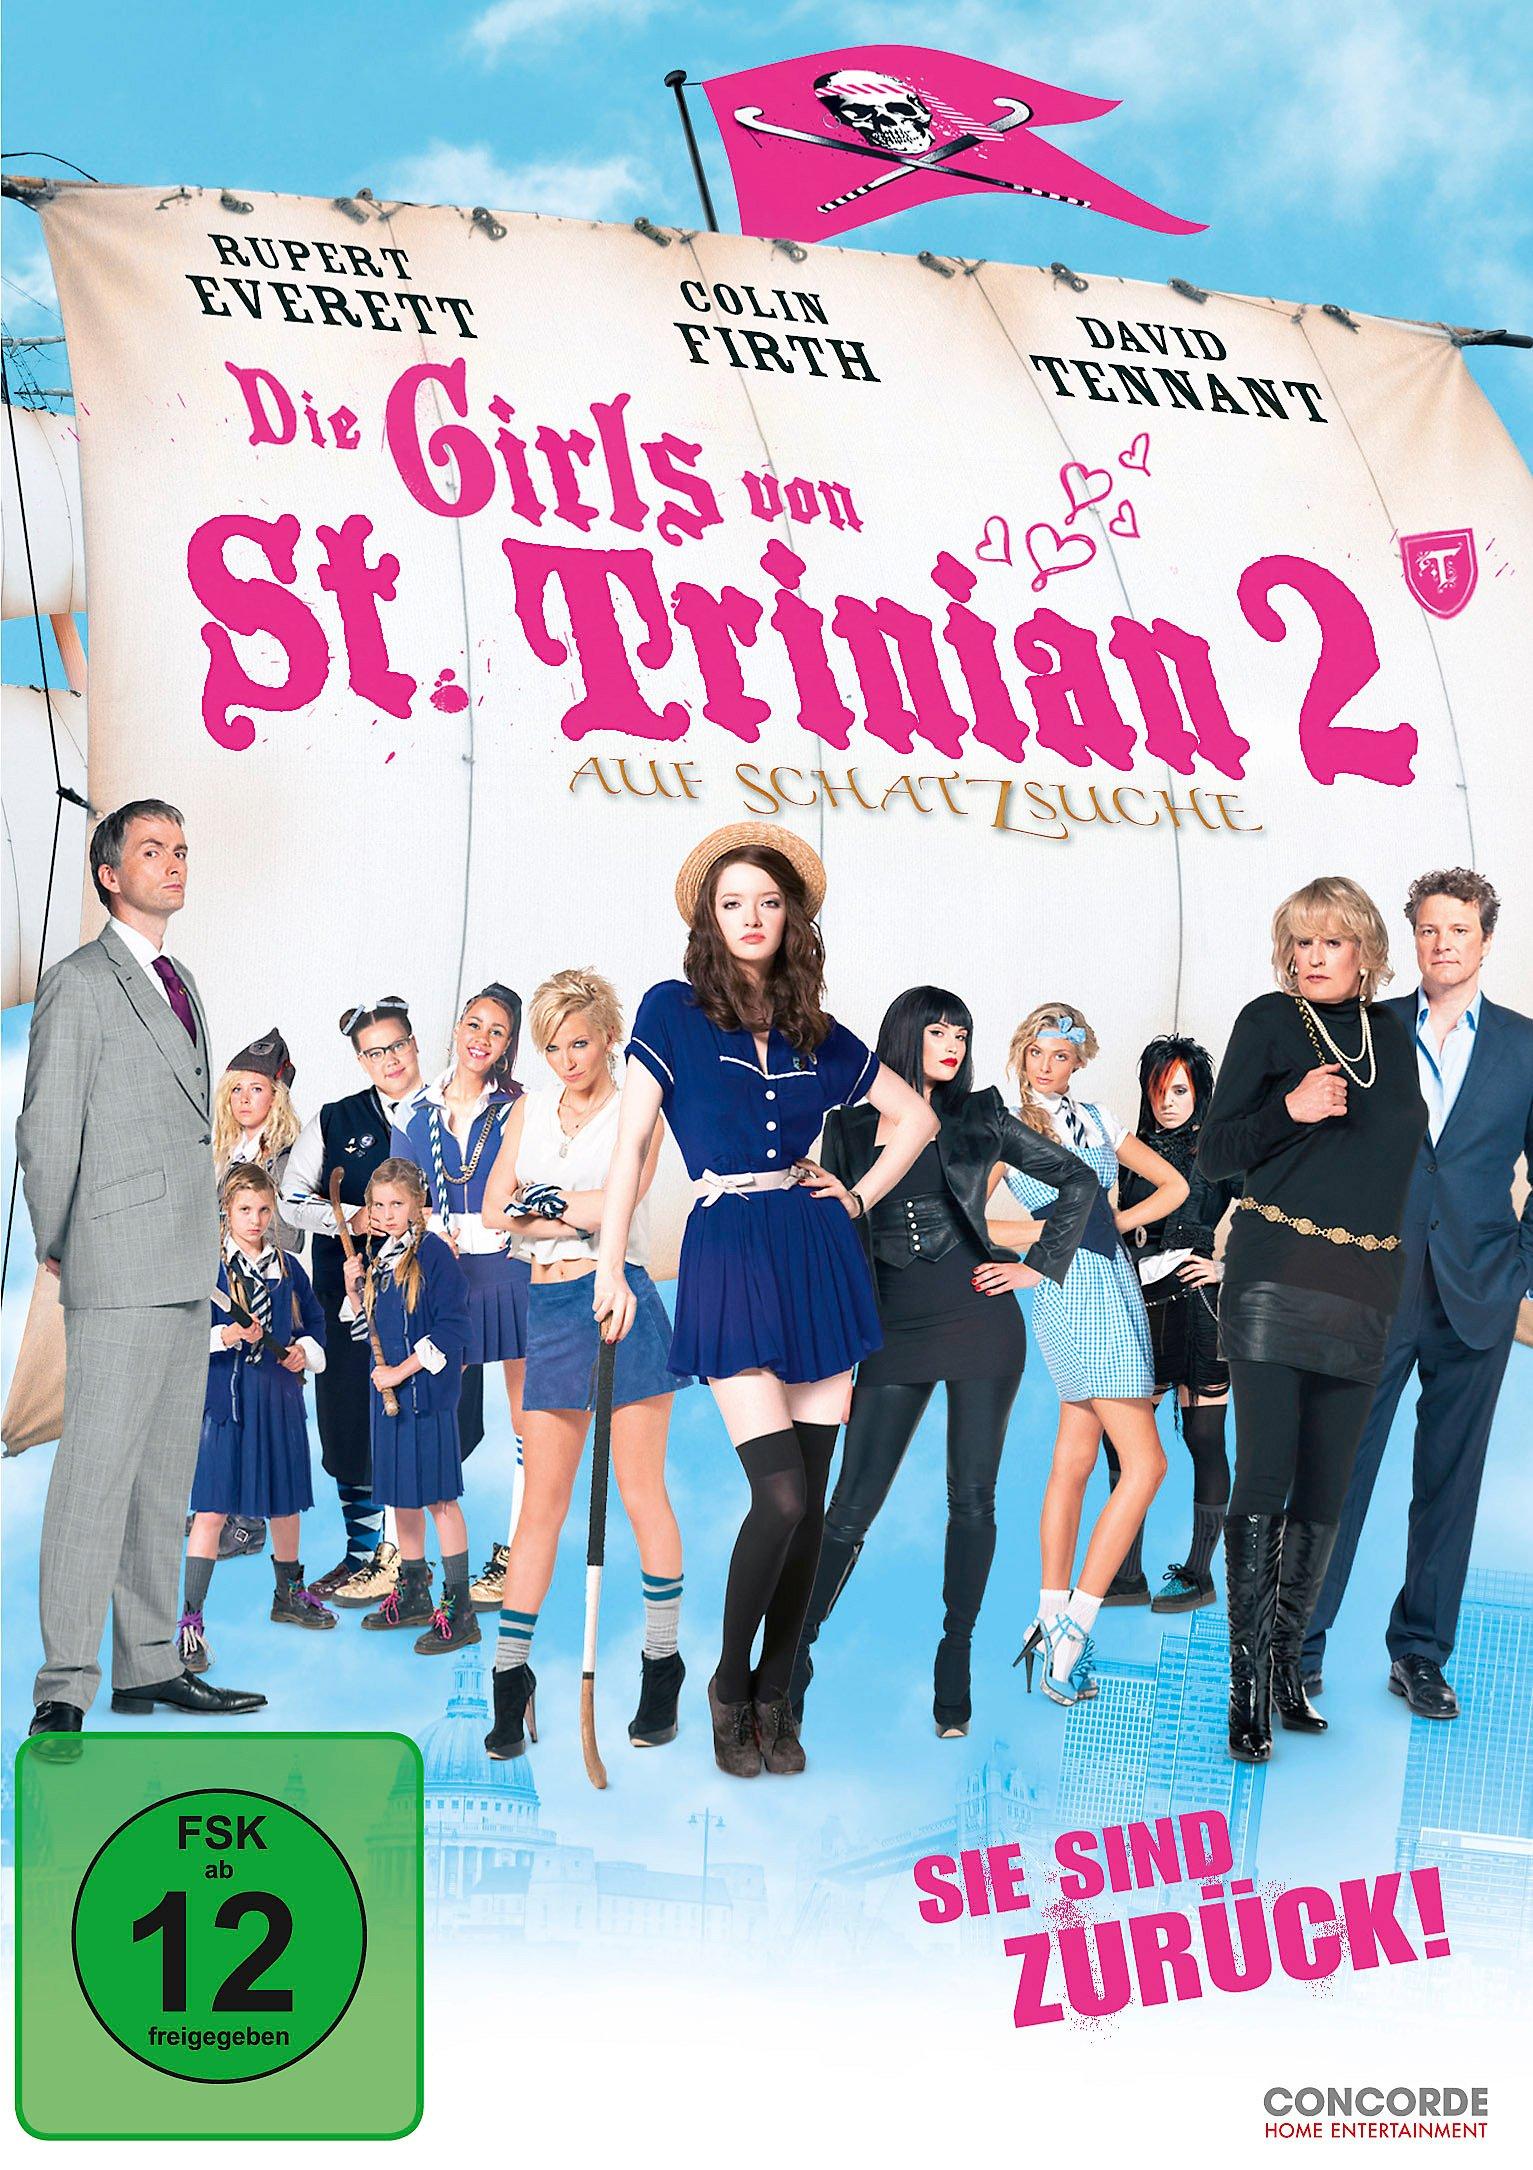 Die Girls von St  Trinian 2 - Auf Schatzsuche DVD | Weltbild at